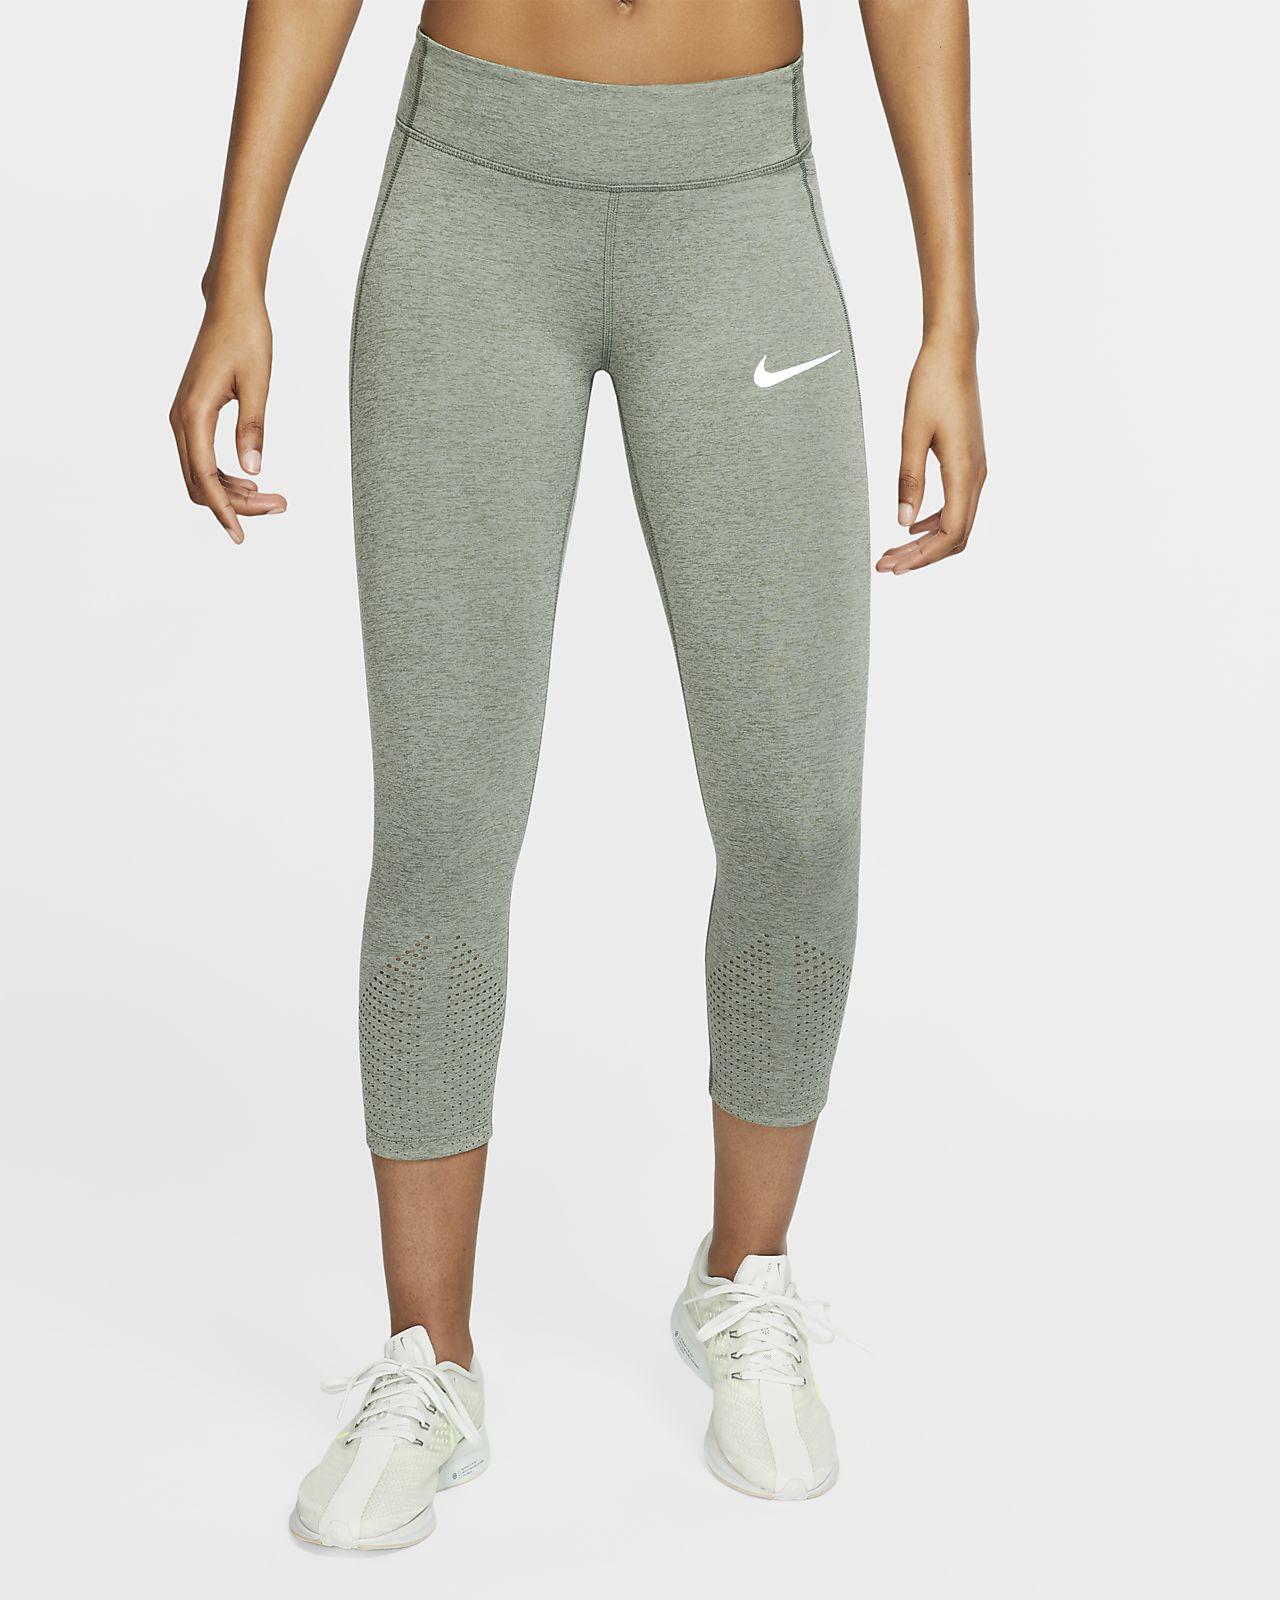 Женские укороченные тайтсы для бега Nike Epic Lux